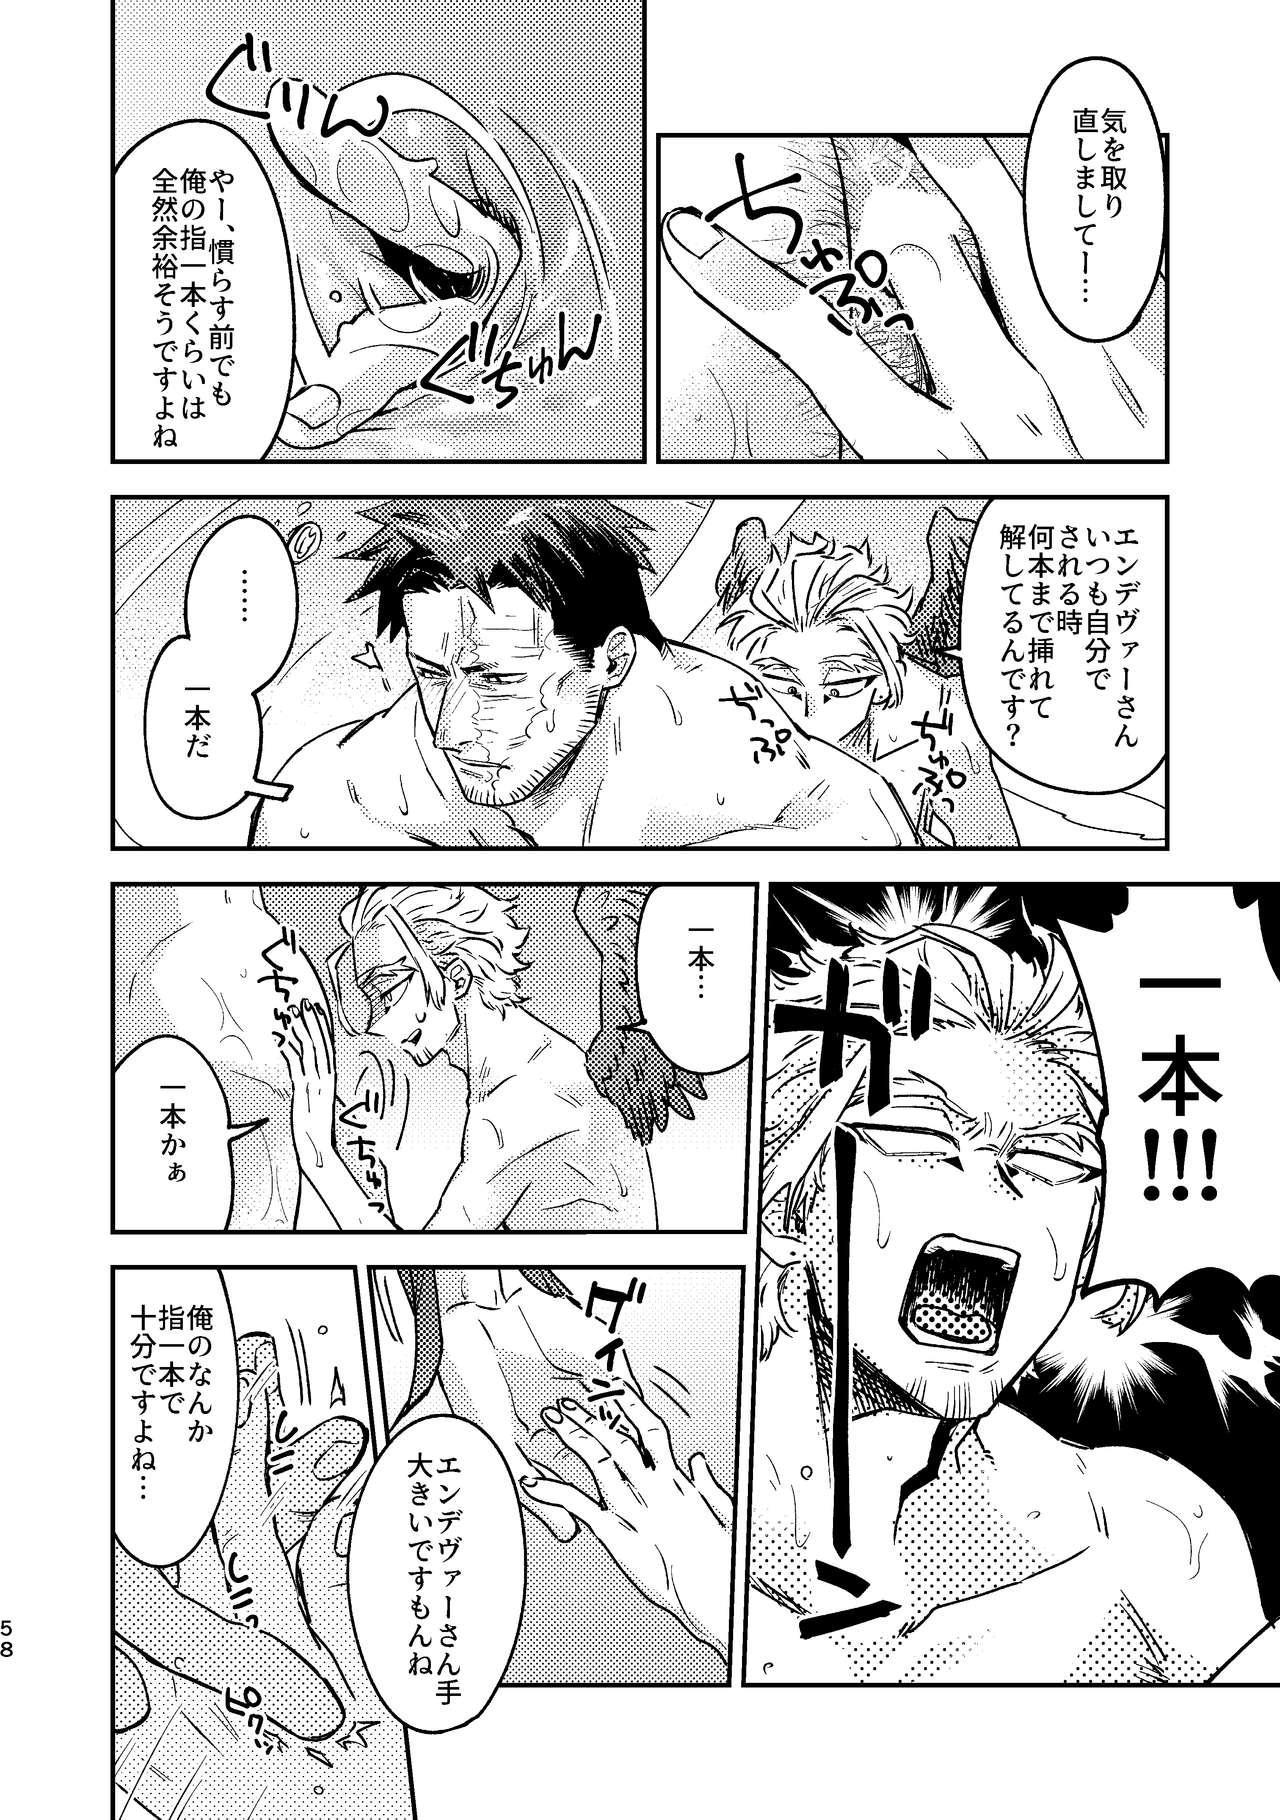 WEB Sairoku Zumi HawEn Manga ga Kami demo Yomeru Hon. 57